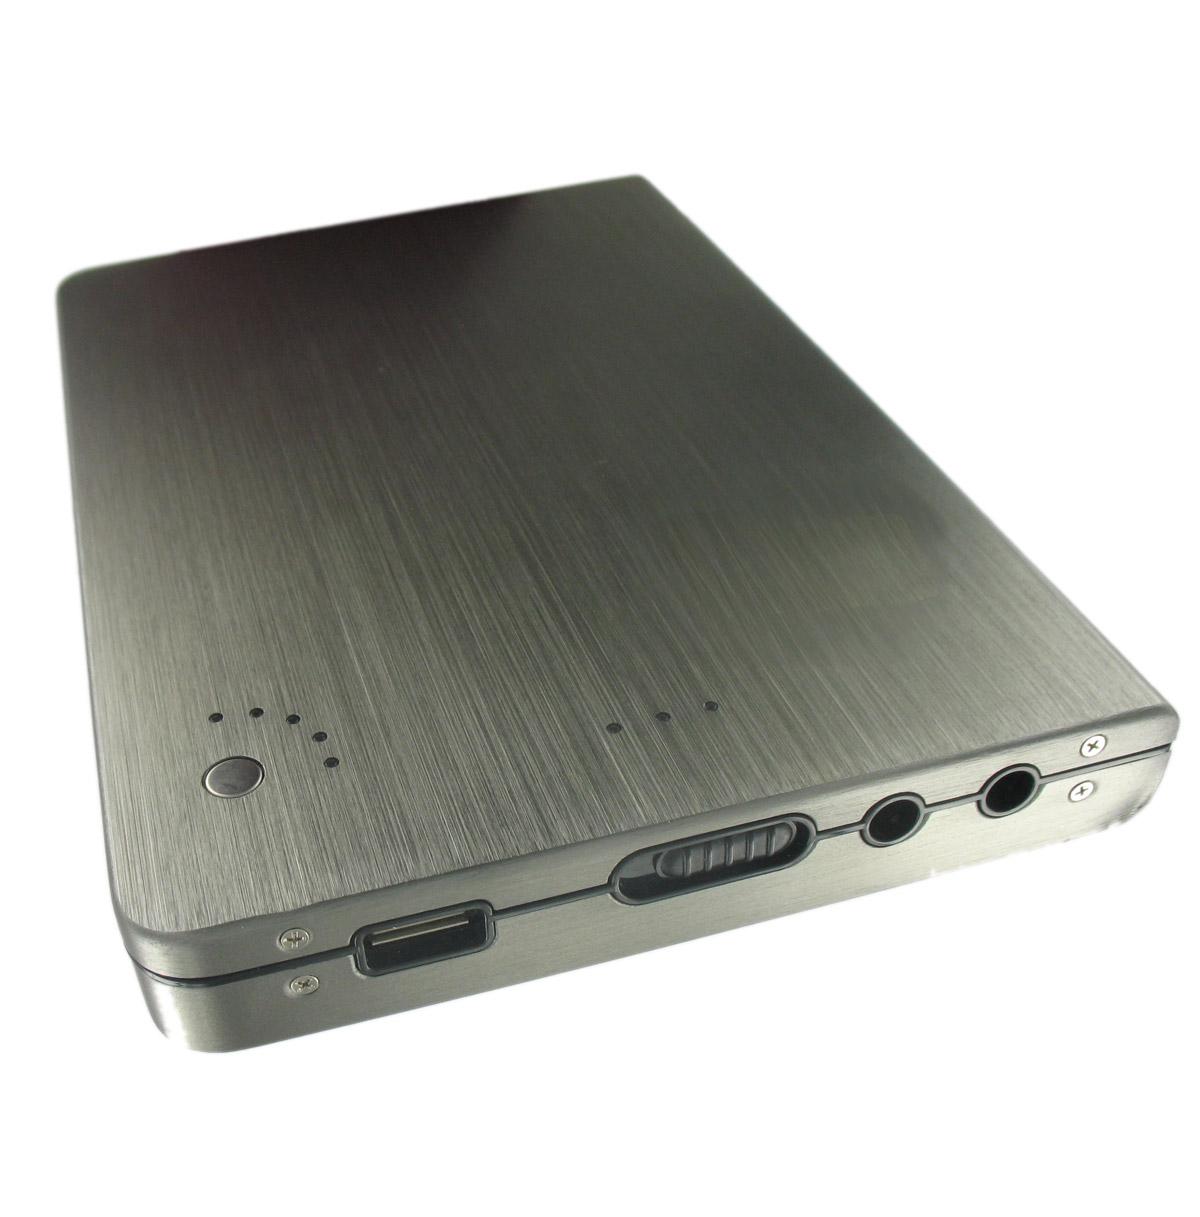 batterie externe 16 000 mah pour ordinateurs portables dlh power chargeurs et accessoires. Black Bedroom Furniture Sets. Home Design Ideas